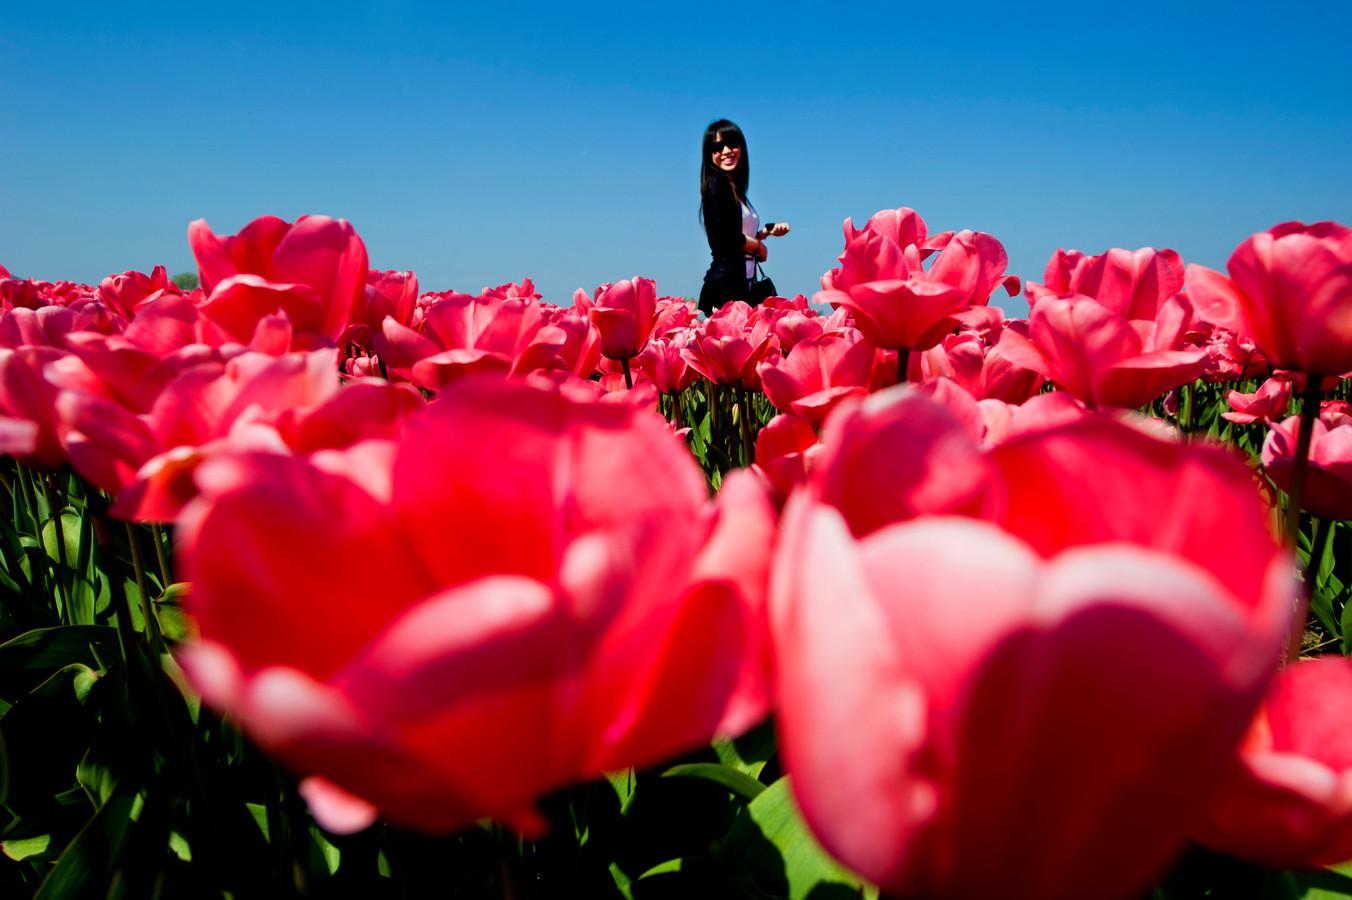 Toeristen zetten op de foto tussen de bloemenvelden.